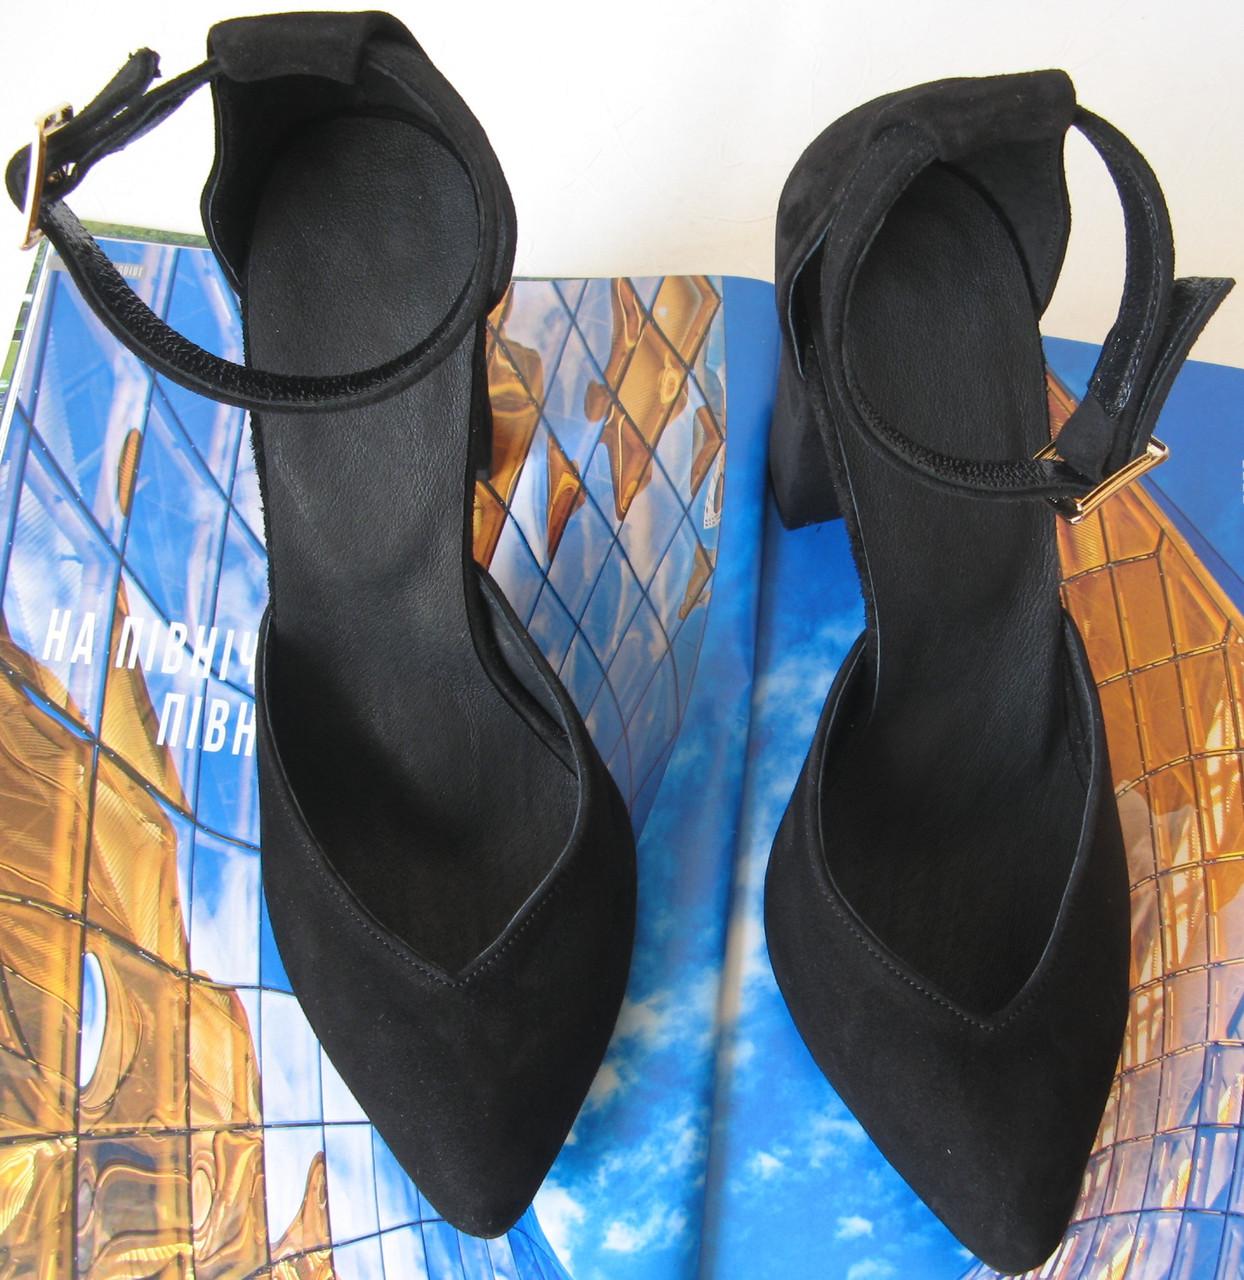 Mante! Красивые женские замшевые черные босоножки туфли каблук 10 см весна лето осень